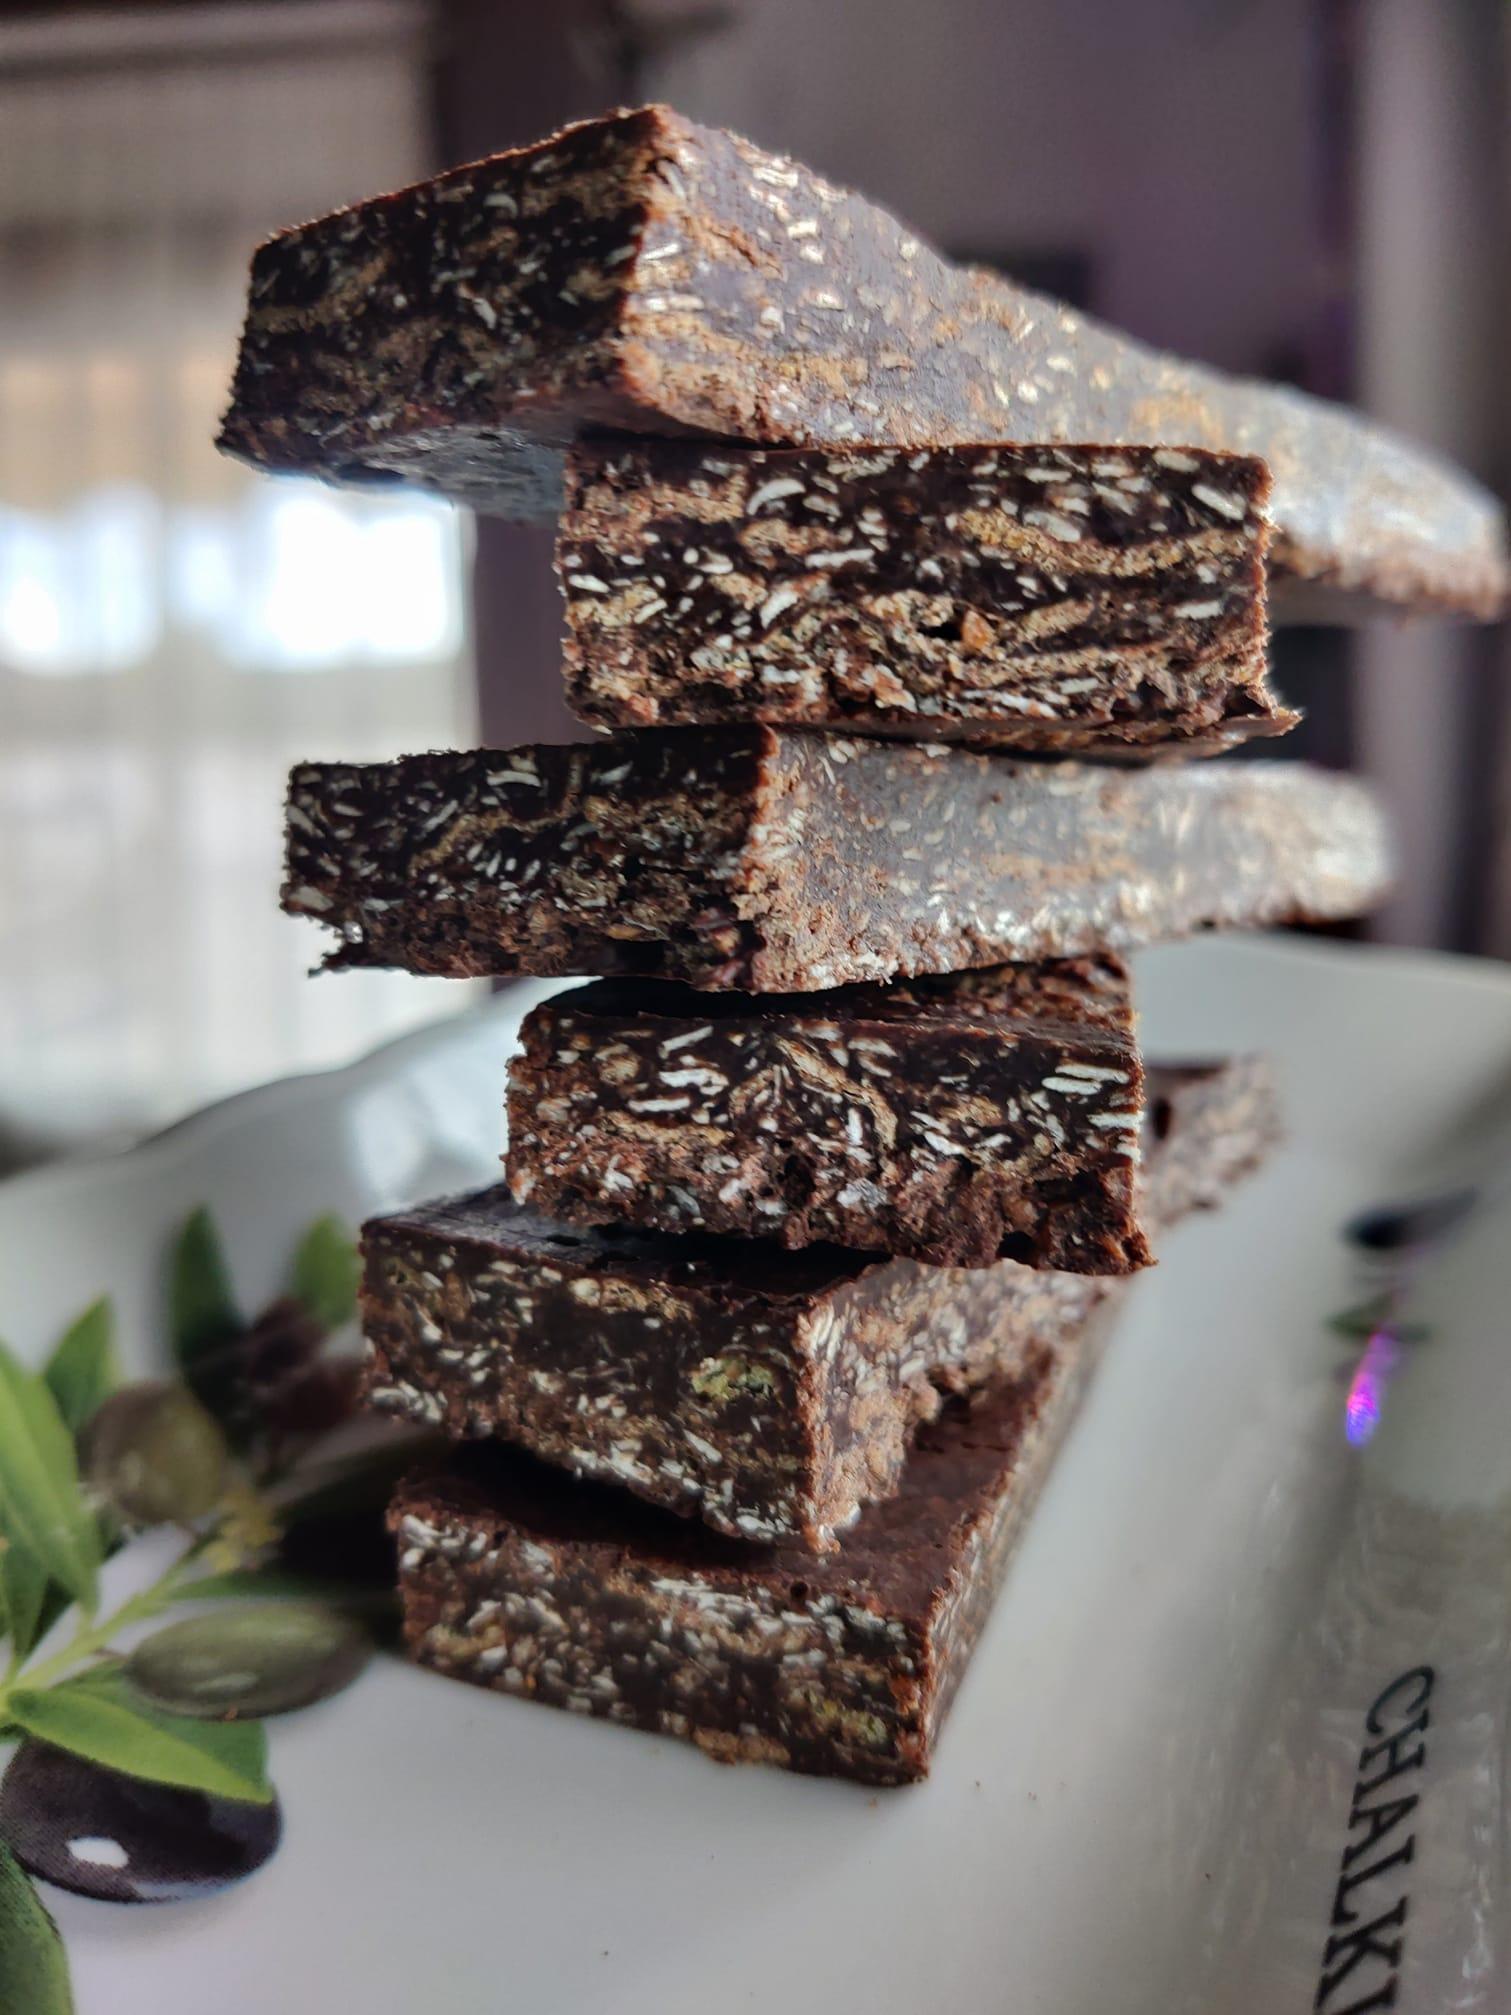 Συνταγή για_ Μπάρες_ δημητριακών _με σοκολάτα, _μέλι_ και ταχίνι_